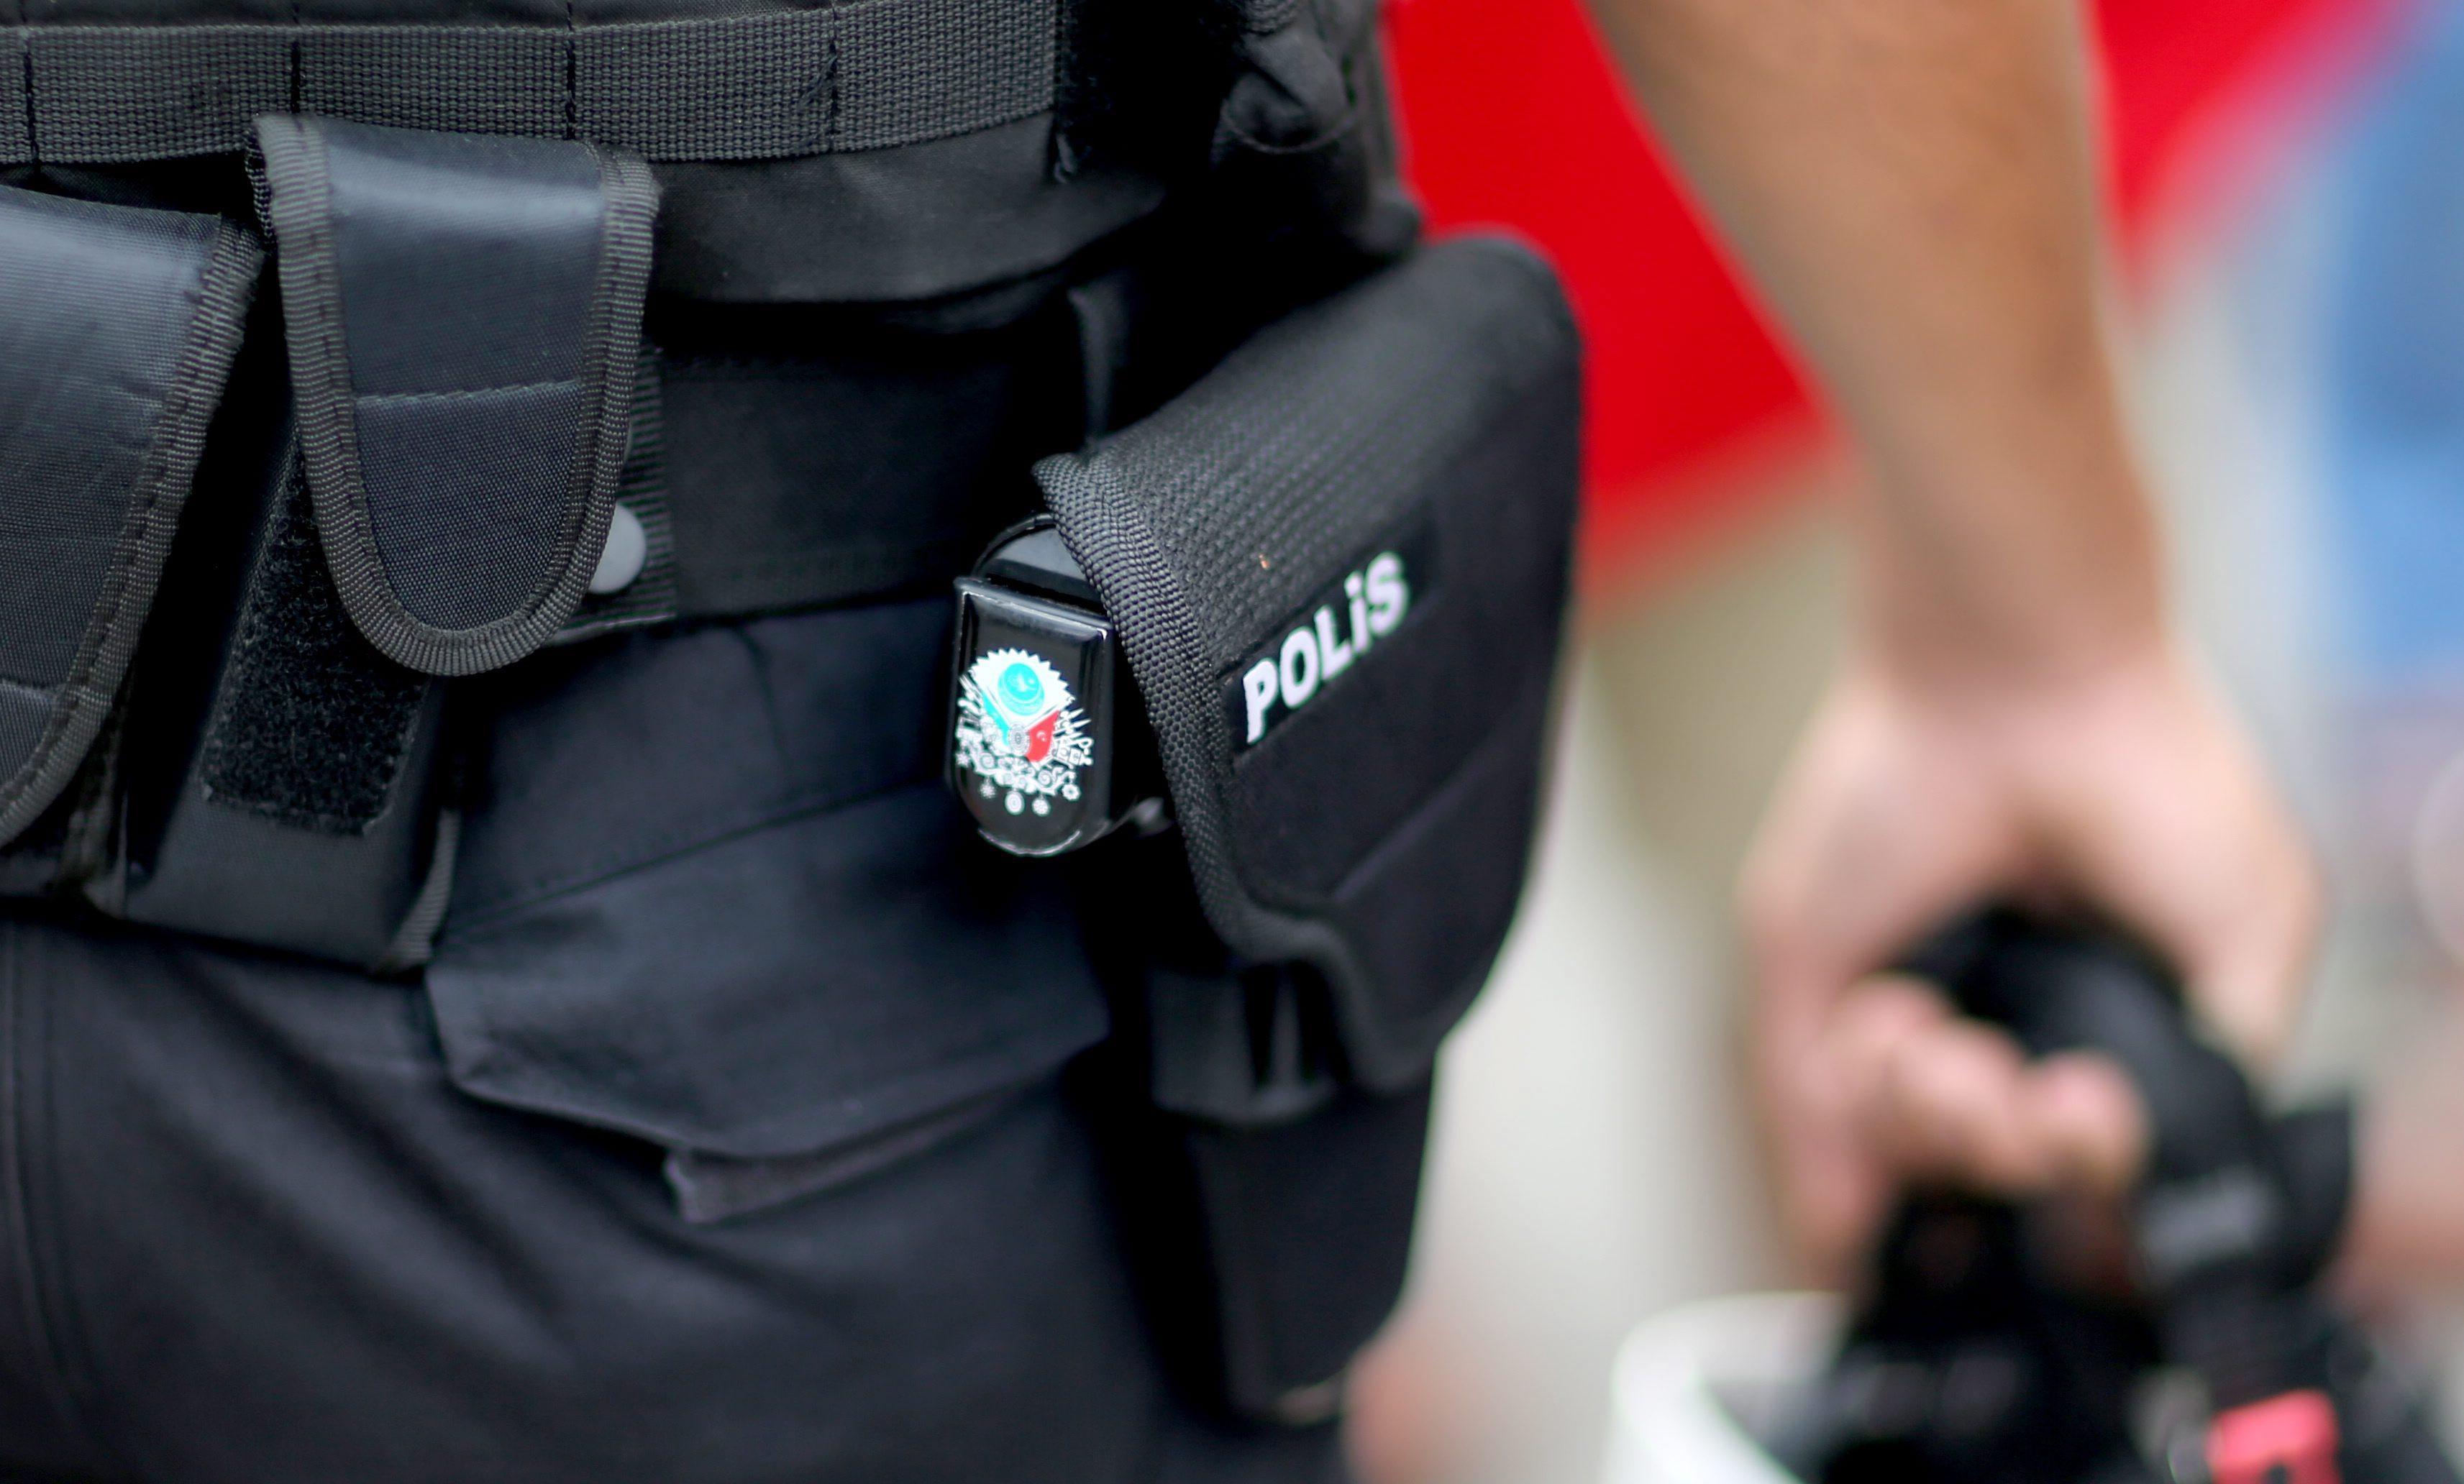 Balanço de atentado na cidade turca de Cizre sobe para 11 polícias mortos